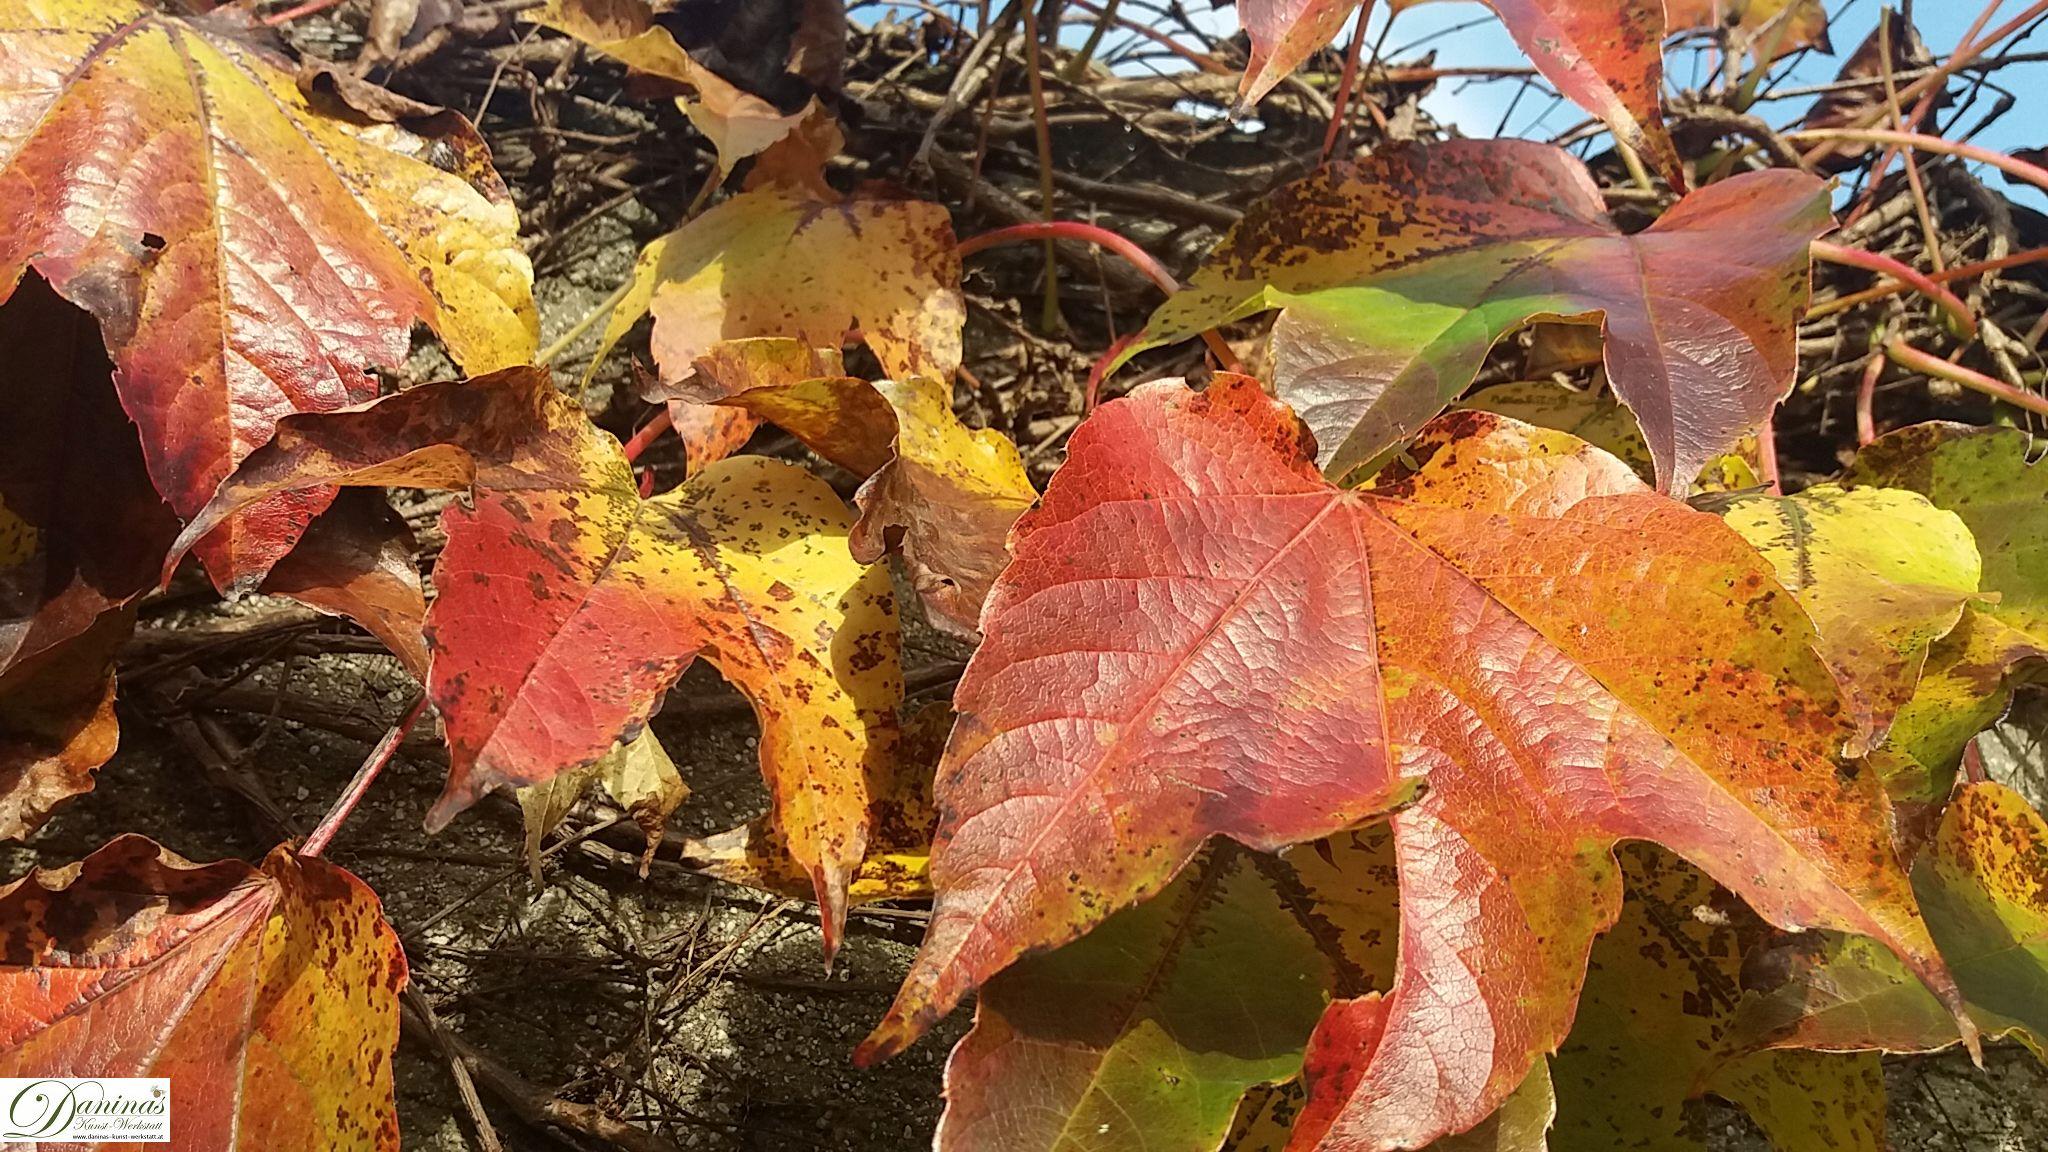 Herbst von seiner schönsten Seite: Warme Farben, bunte Blätter